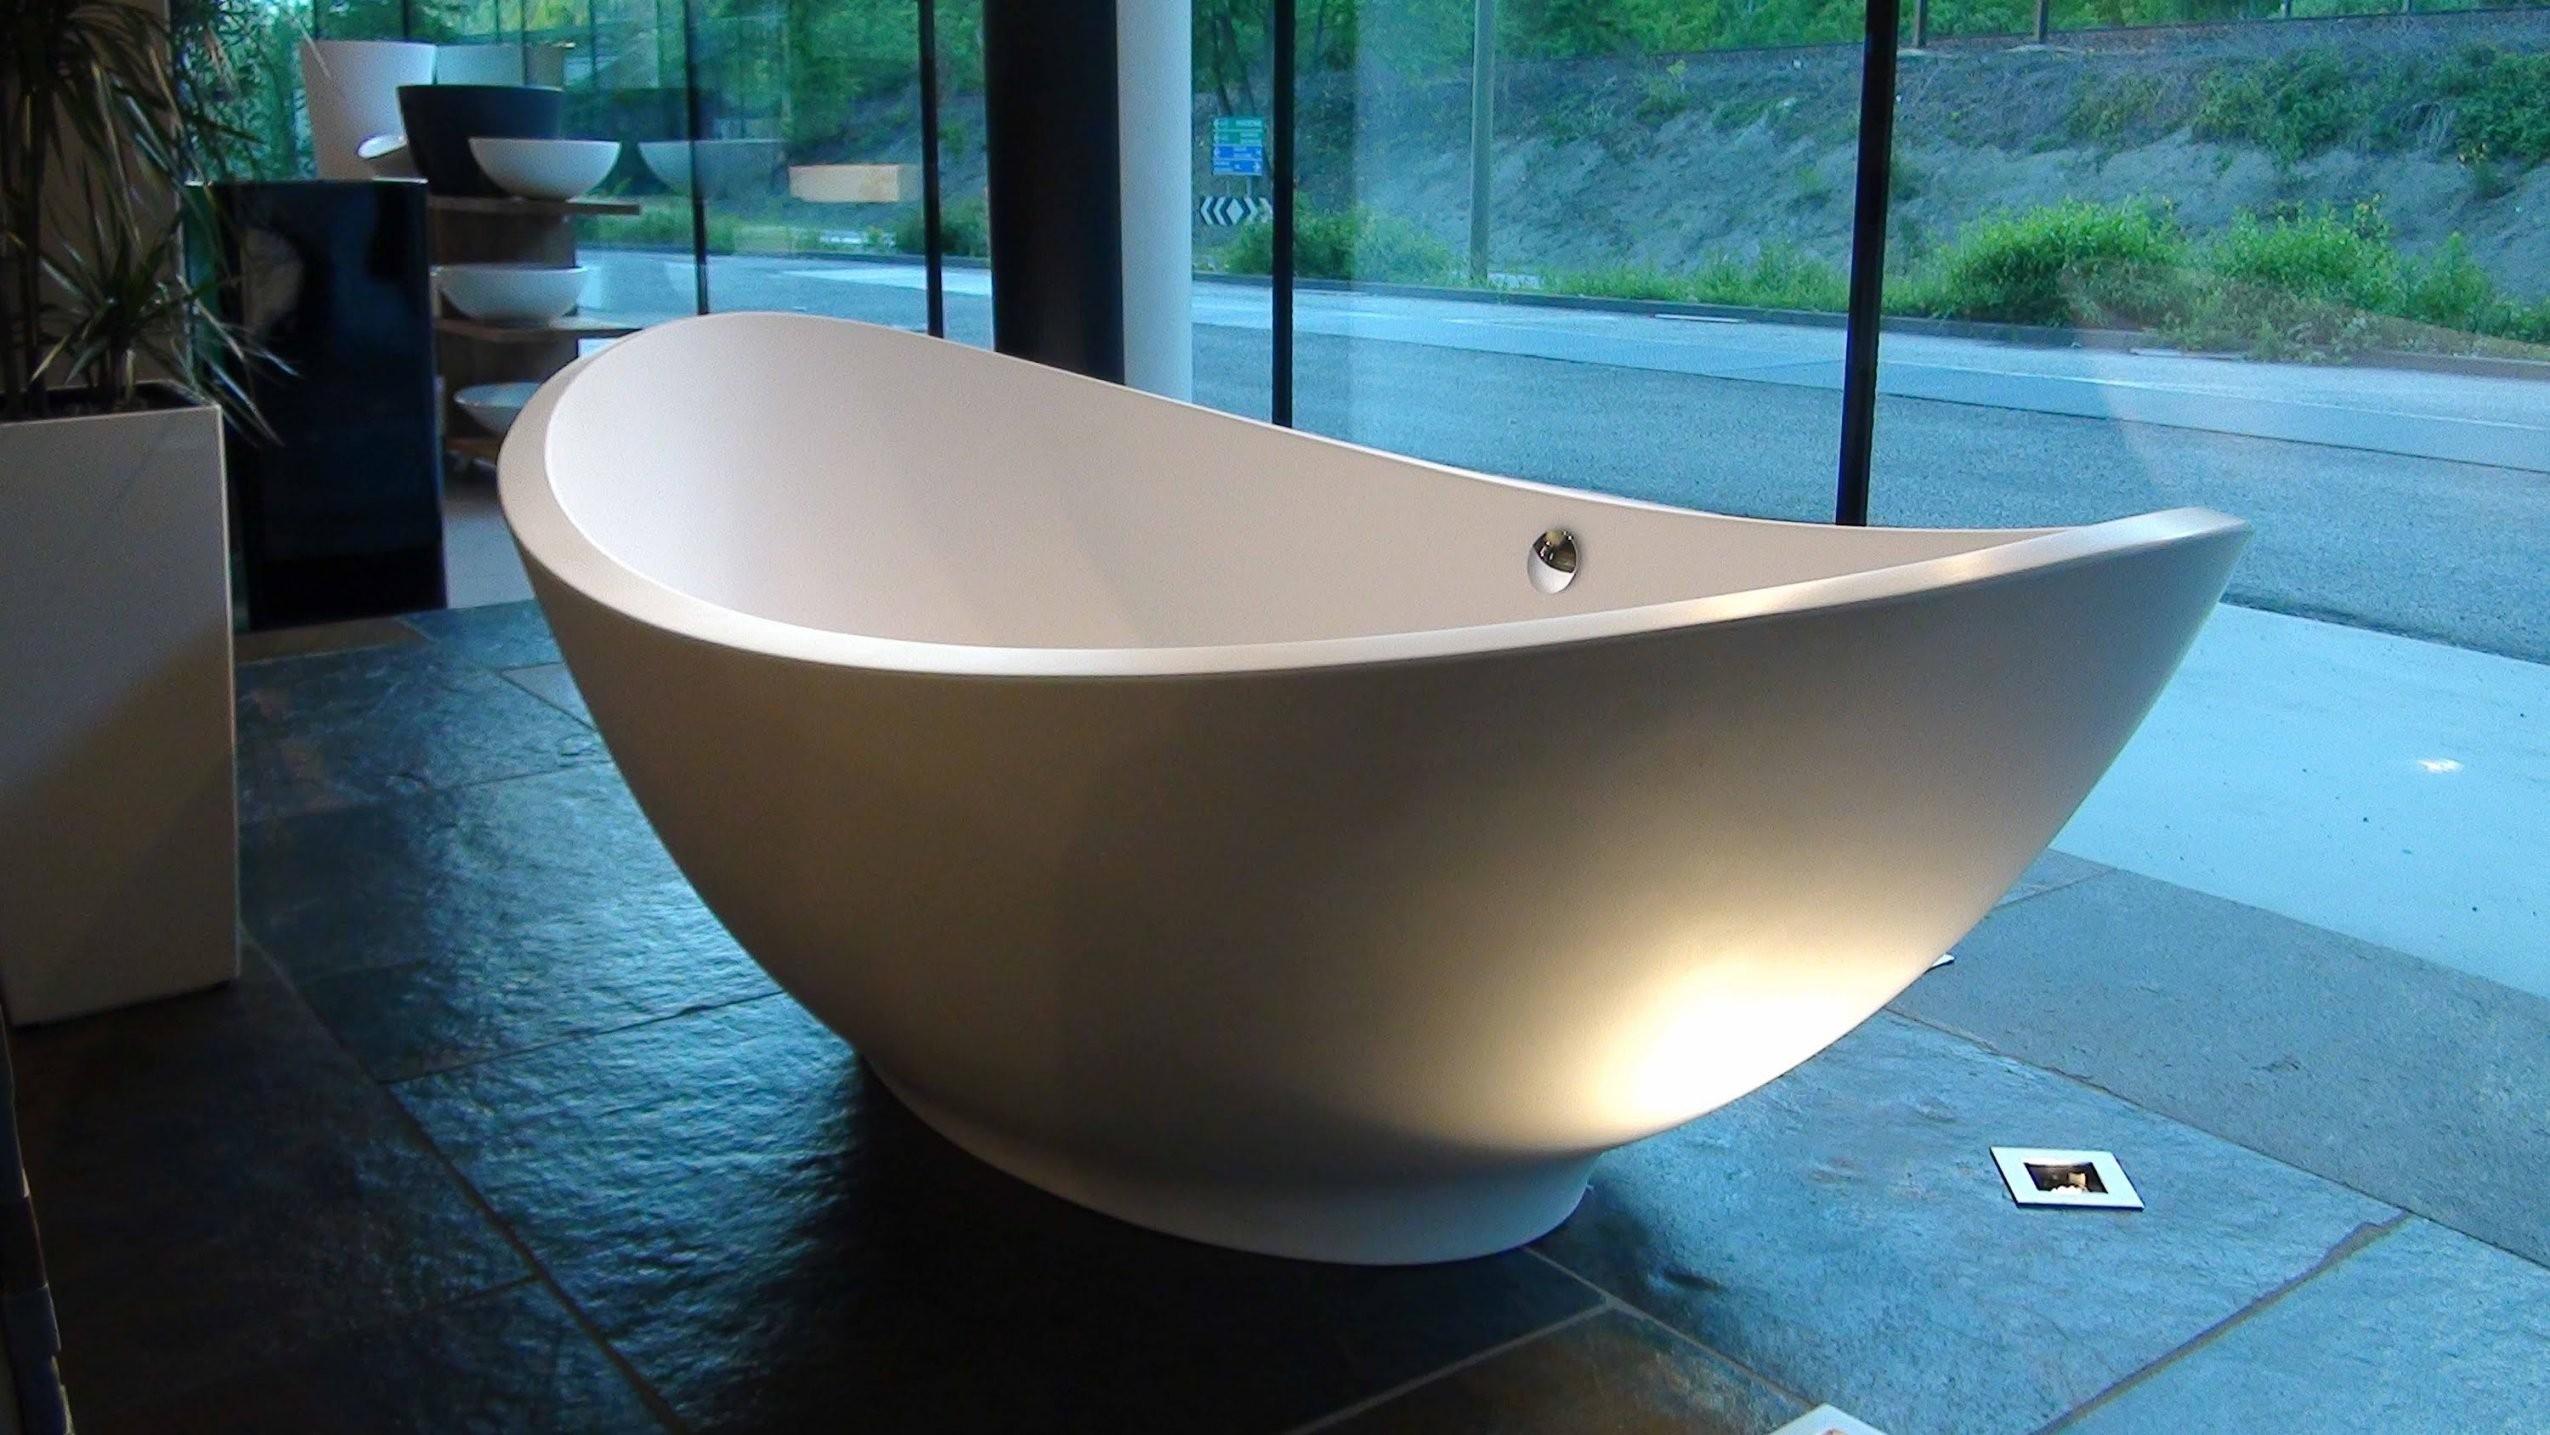 Freistehende Badewanne Gebraucht  Indoo Hausdesign von Freistehende Badewanne Gebraucht Photo